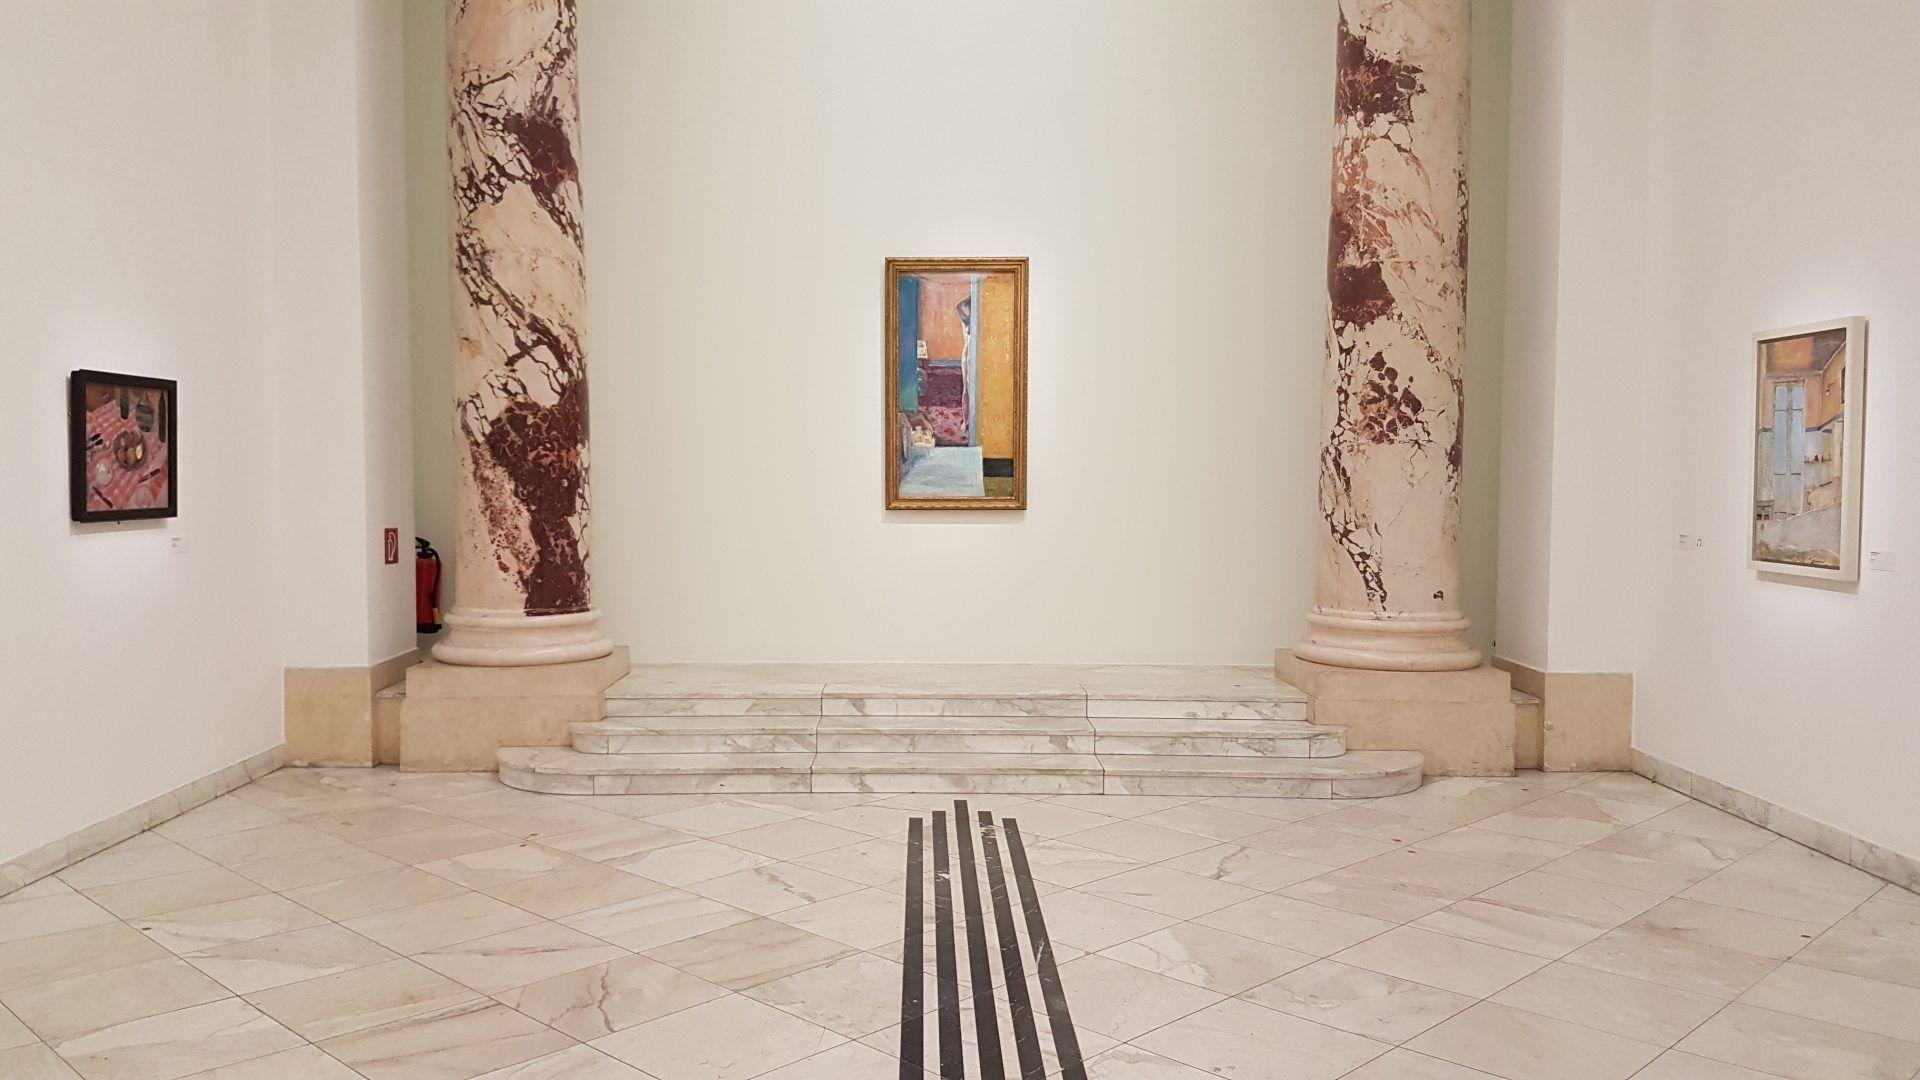 Экспозиция выставки Пьера Боннара в Кунстфоруме Форума Австрия. Фото Юлии Абрамовой, 2019